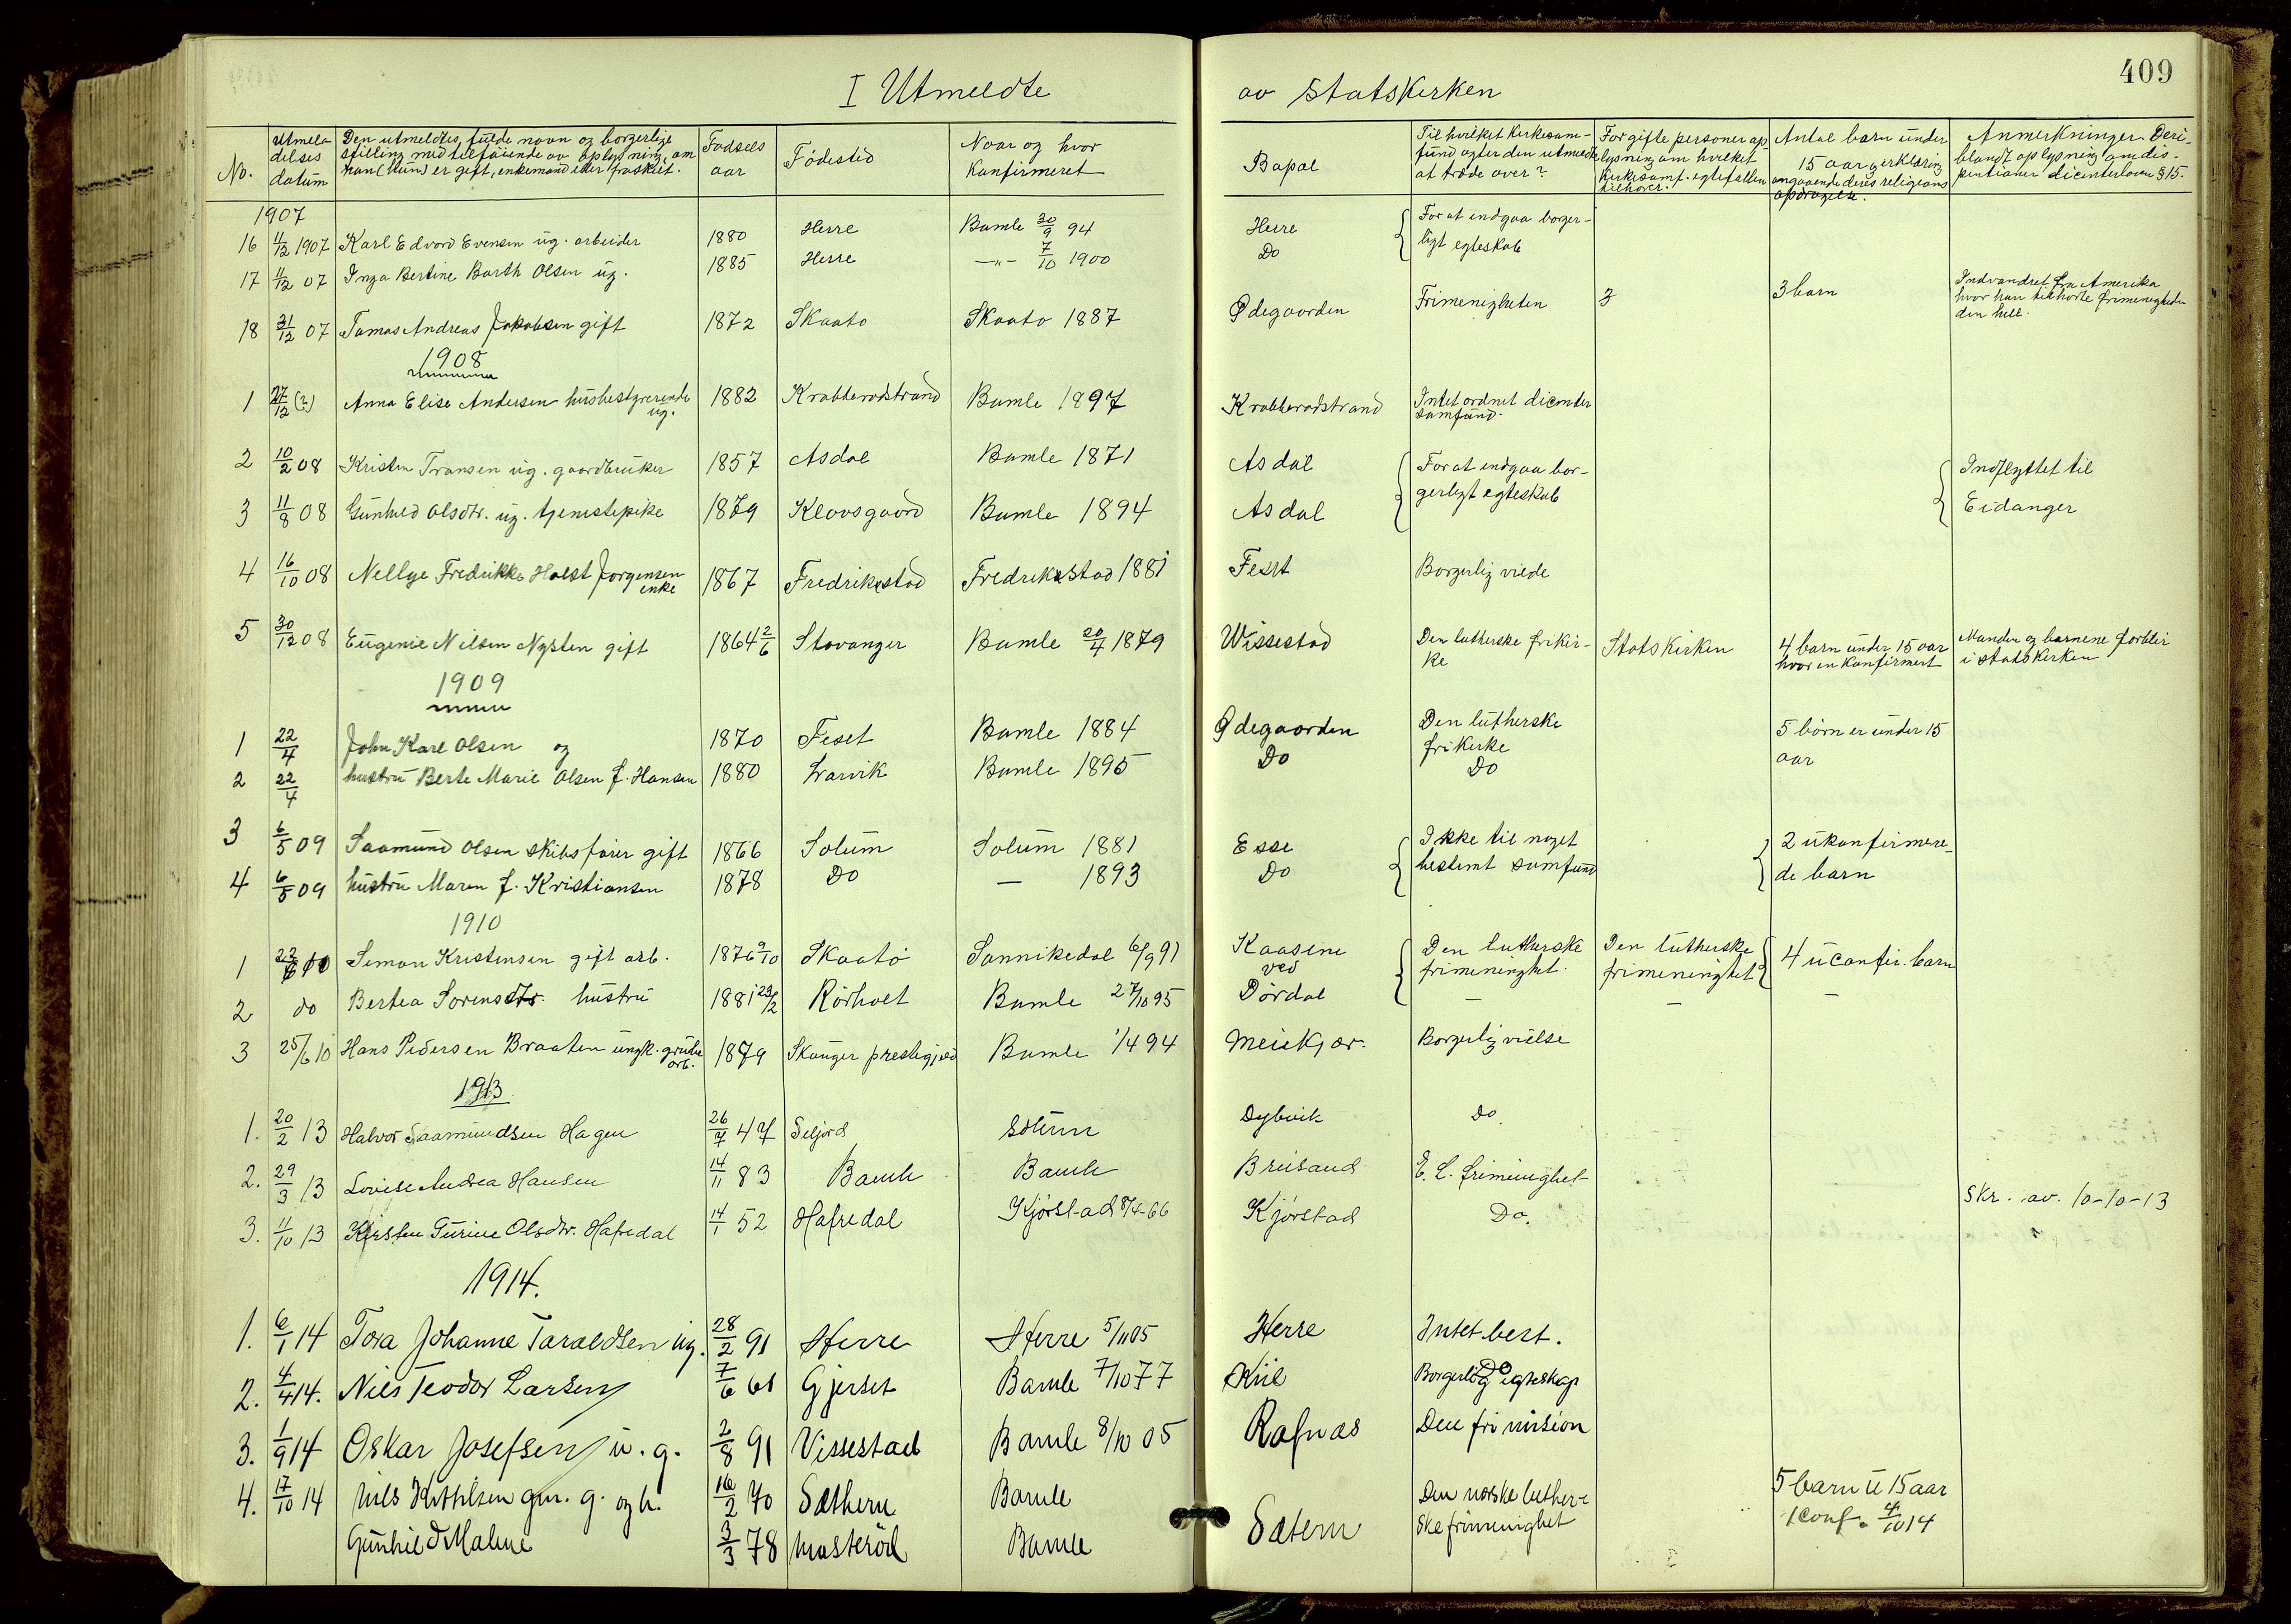 SAKO, Bamble kirkebøker, G/Ga/L0010: Klokkerbok nr. I 10, 1901-1919, s. 409